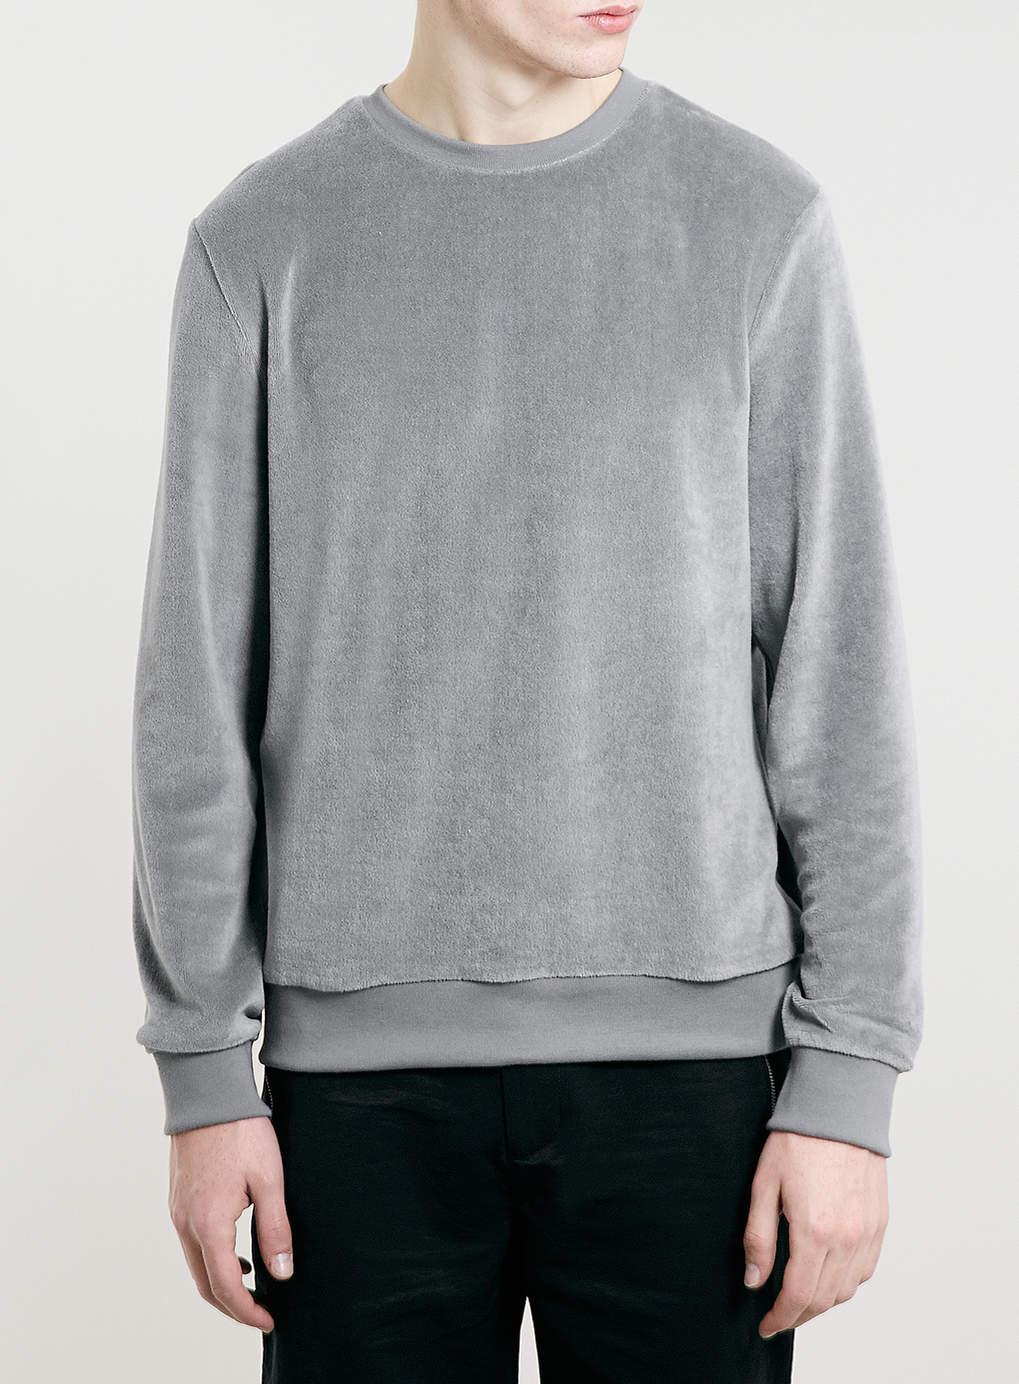 Mens Blank Crew Neck Custom Wholesale Velour Sweatshirt Hoodie For ...